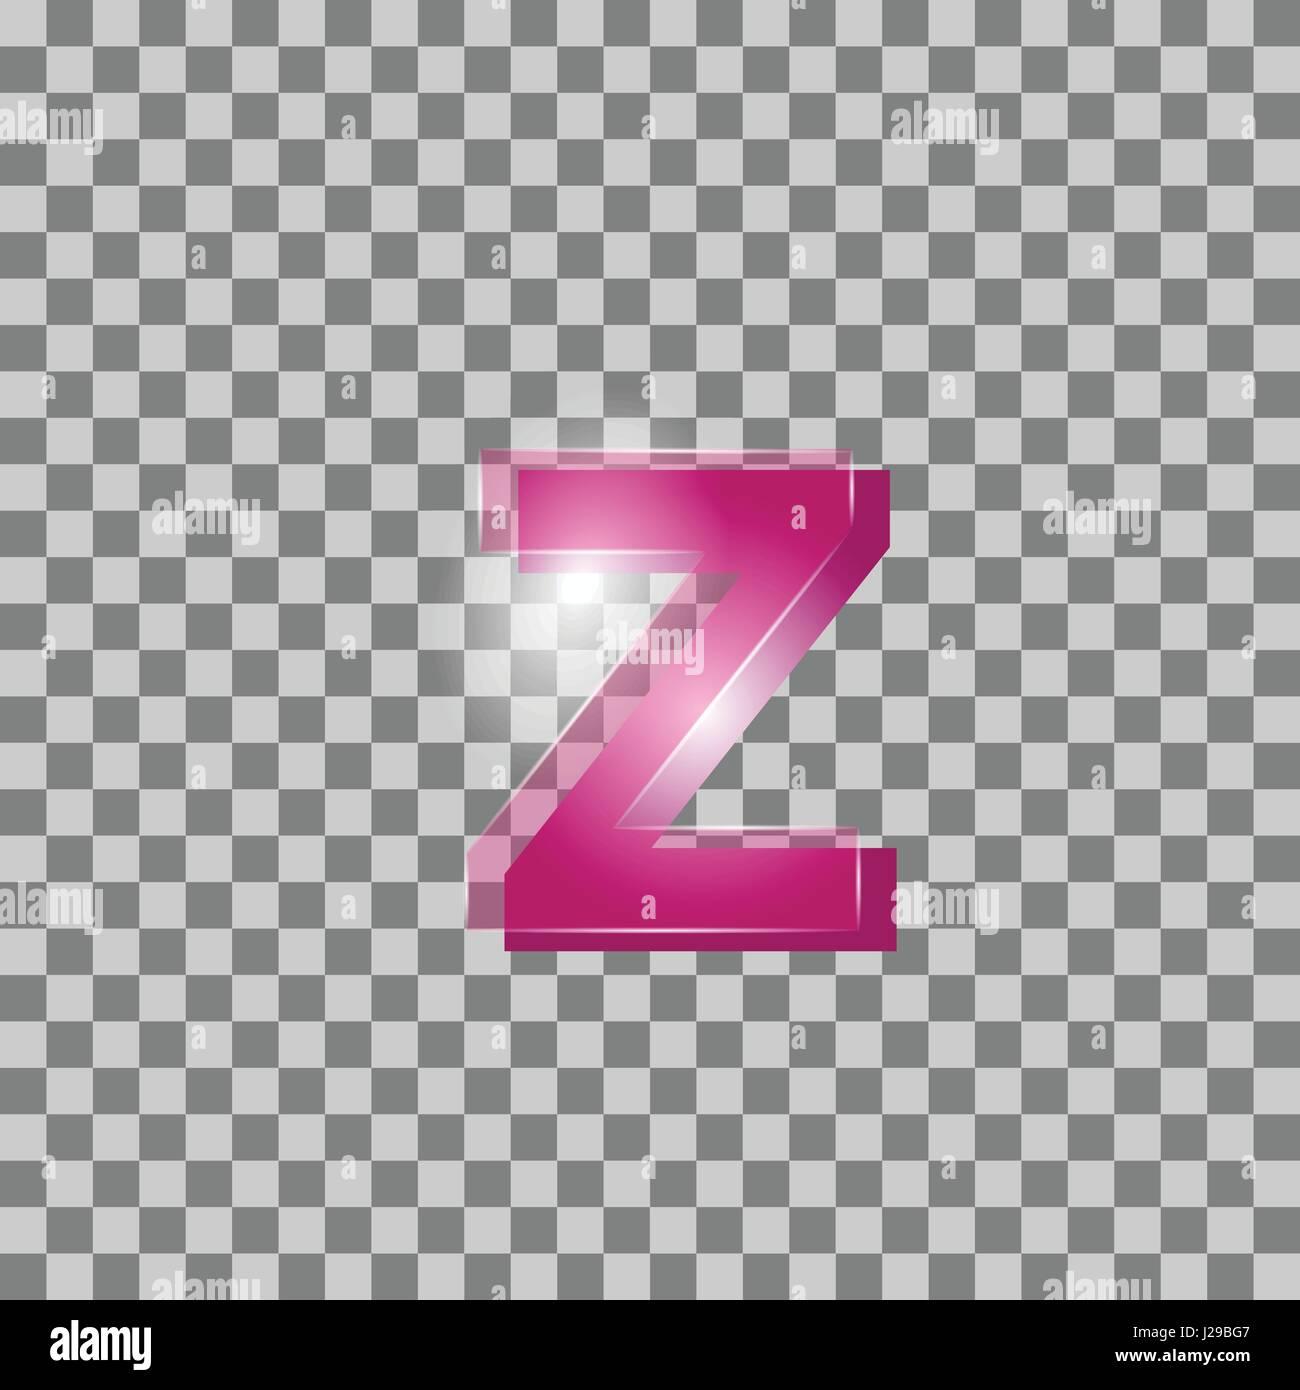 Minimal Alphabet Letters Vector Font Stock Photos & Minimal Alphabet ...